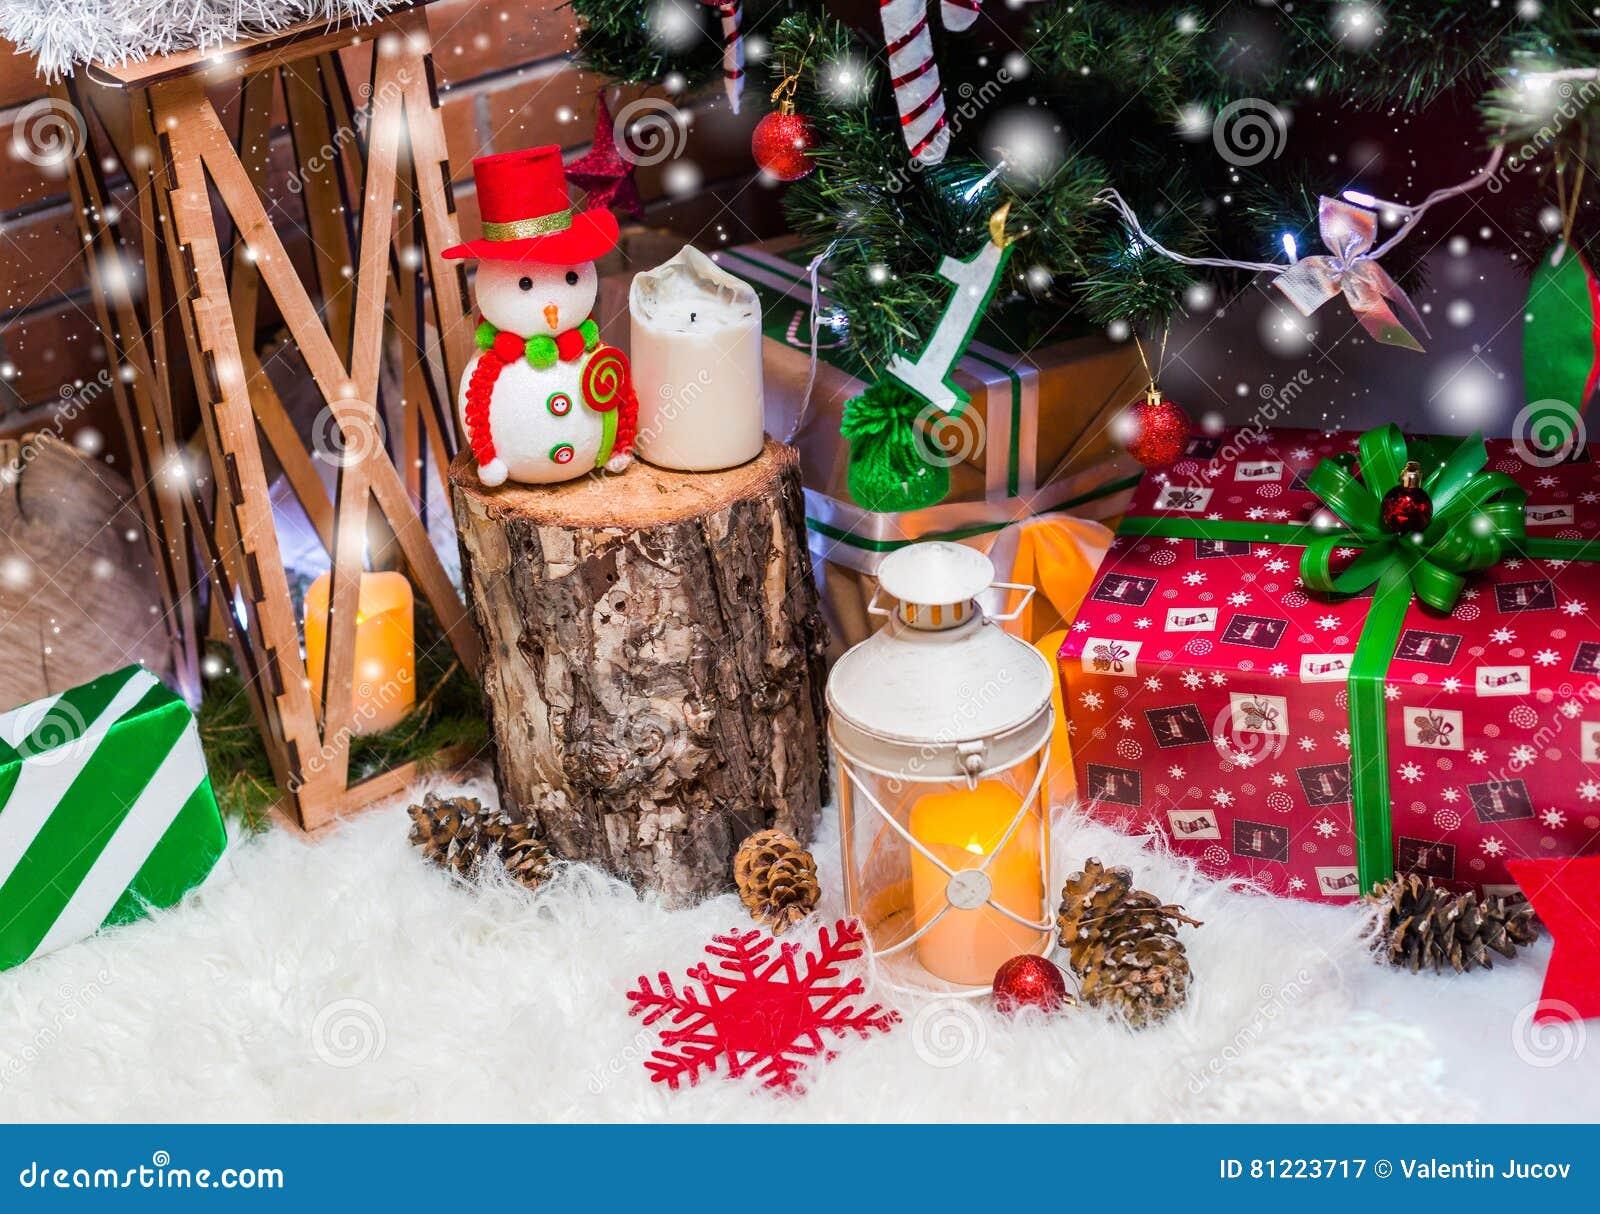 Julbakgrund med julgarnering med stjärnor, kottar, snögubbe Lyckligt nytt år och xmas